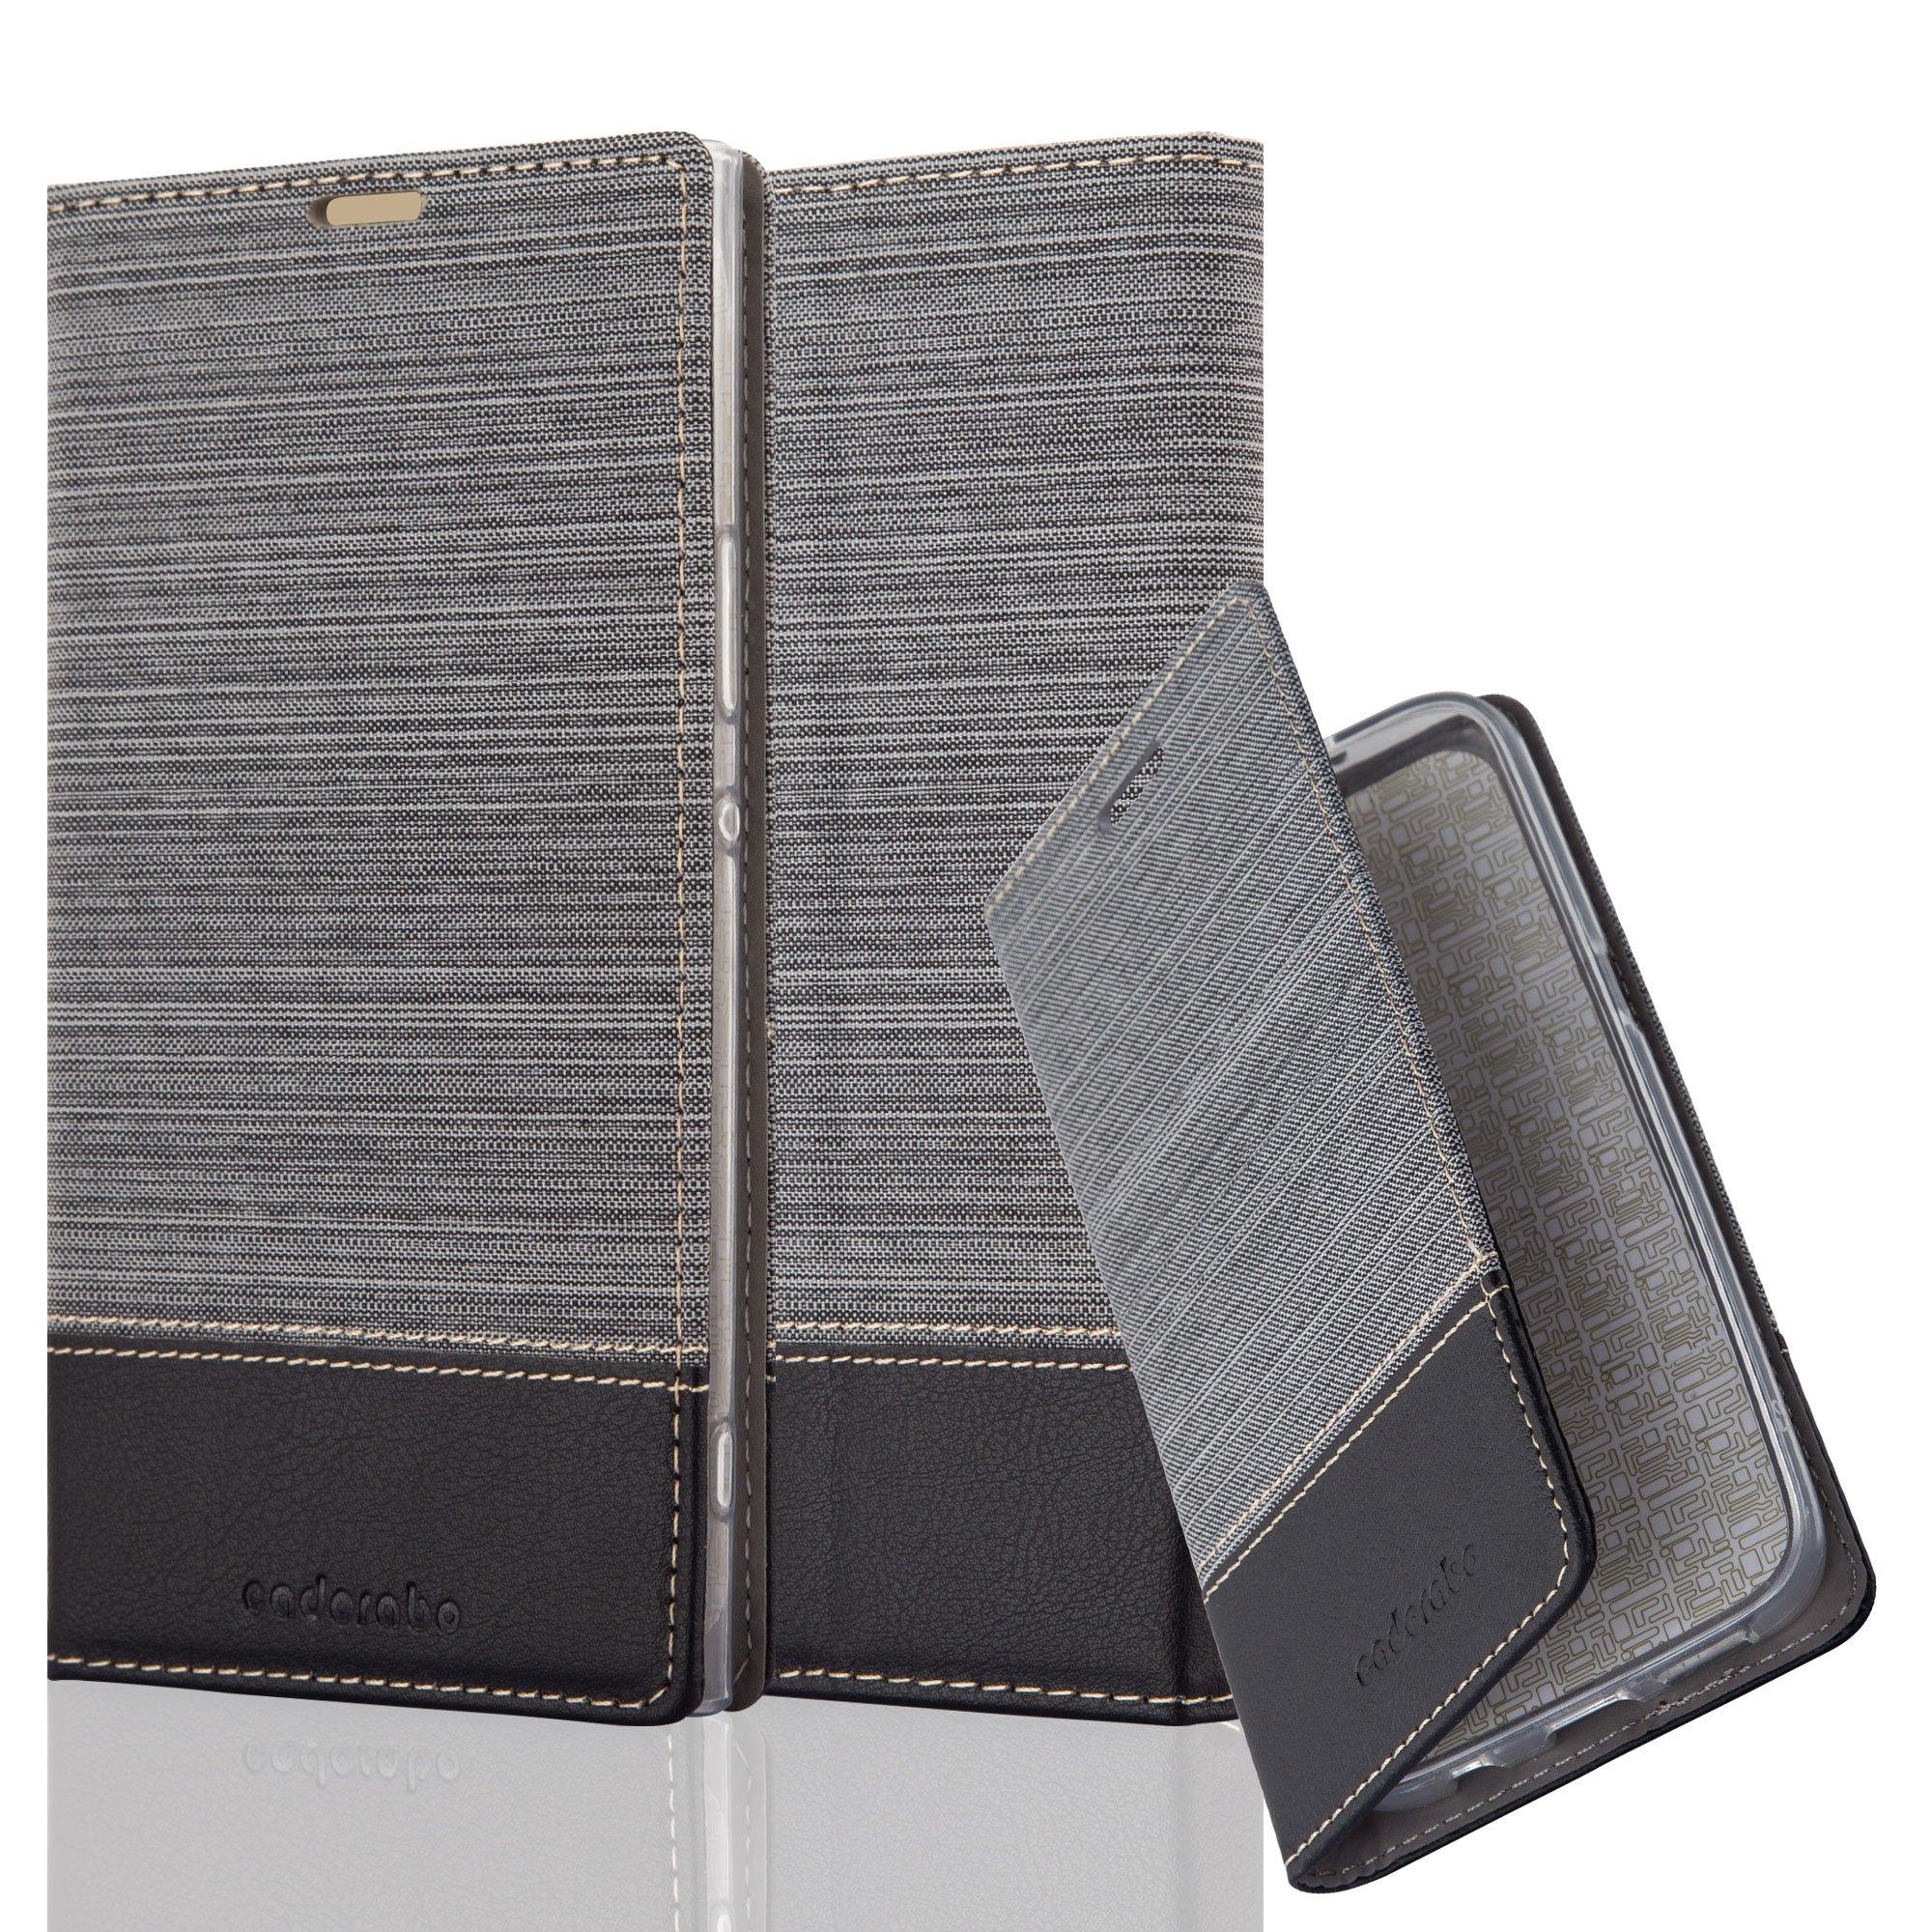 Funda Para Sony Xperia Xa1 Ultra Cadorabo [78ntmrl8]